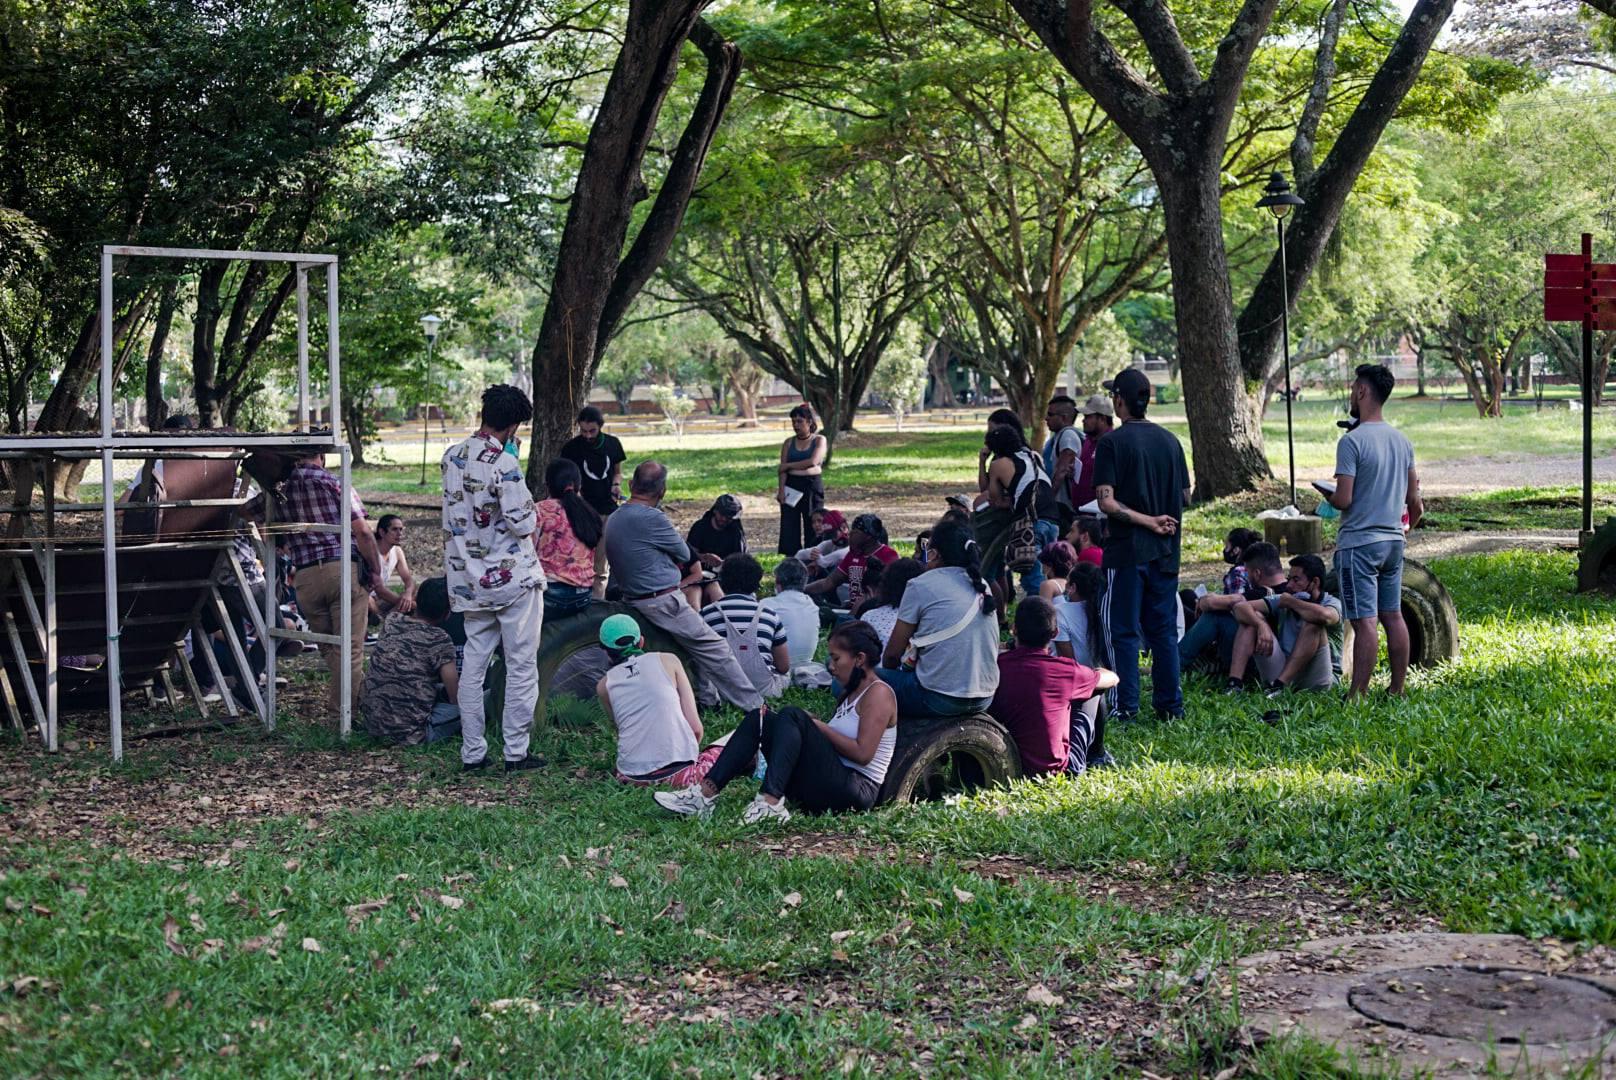 Puede ser una imagen de niños, de pie, césped, árbol y parque